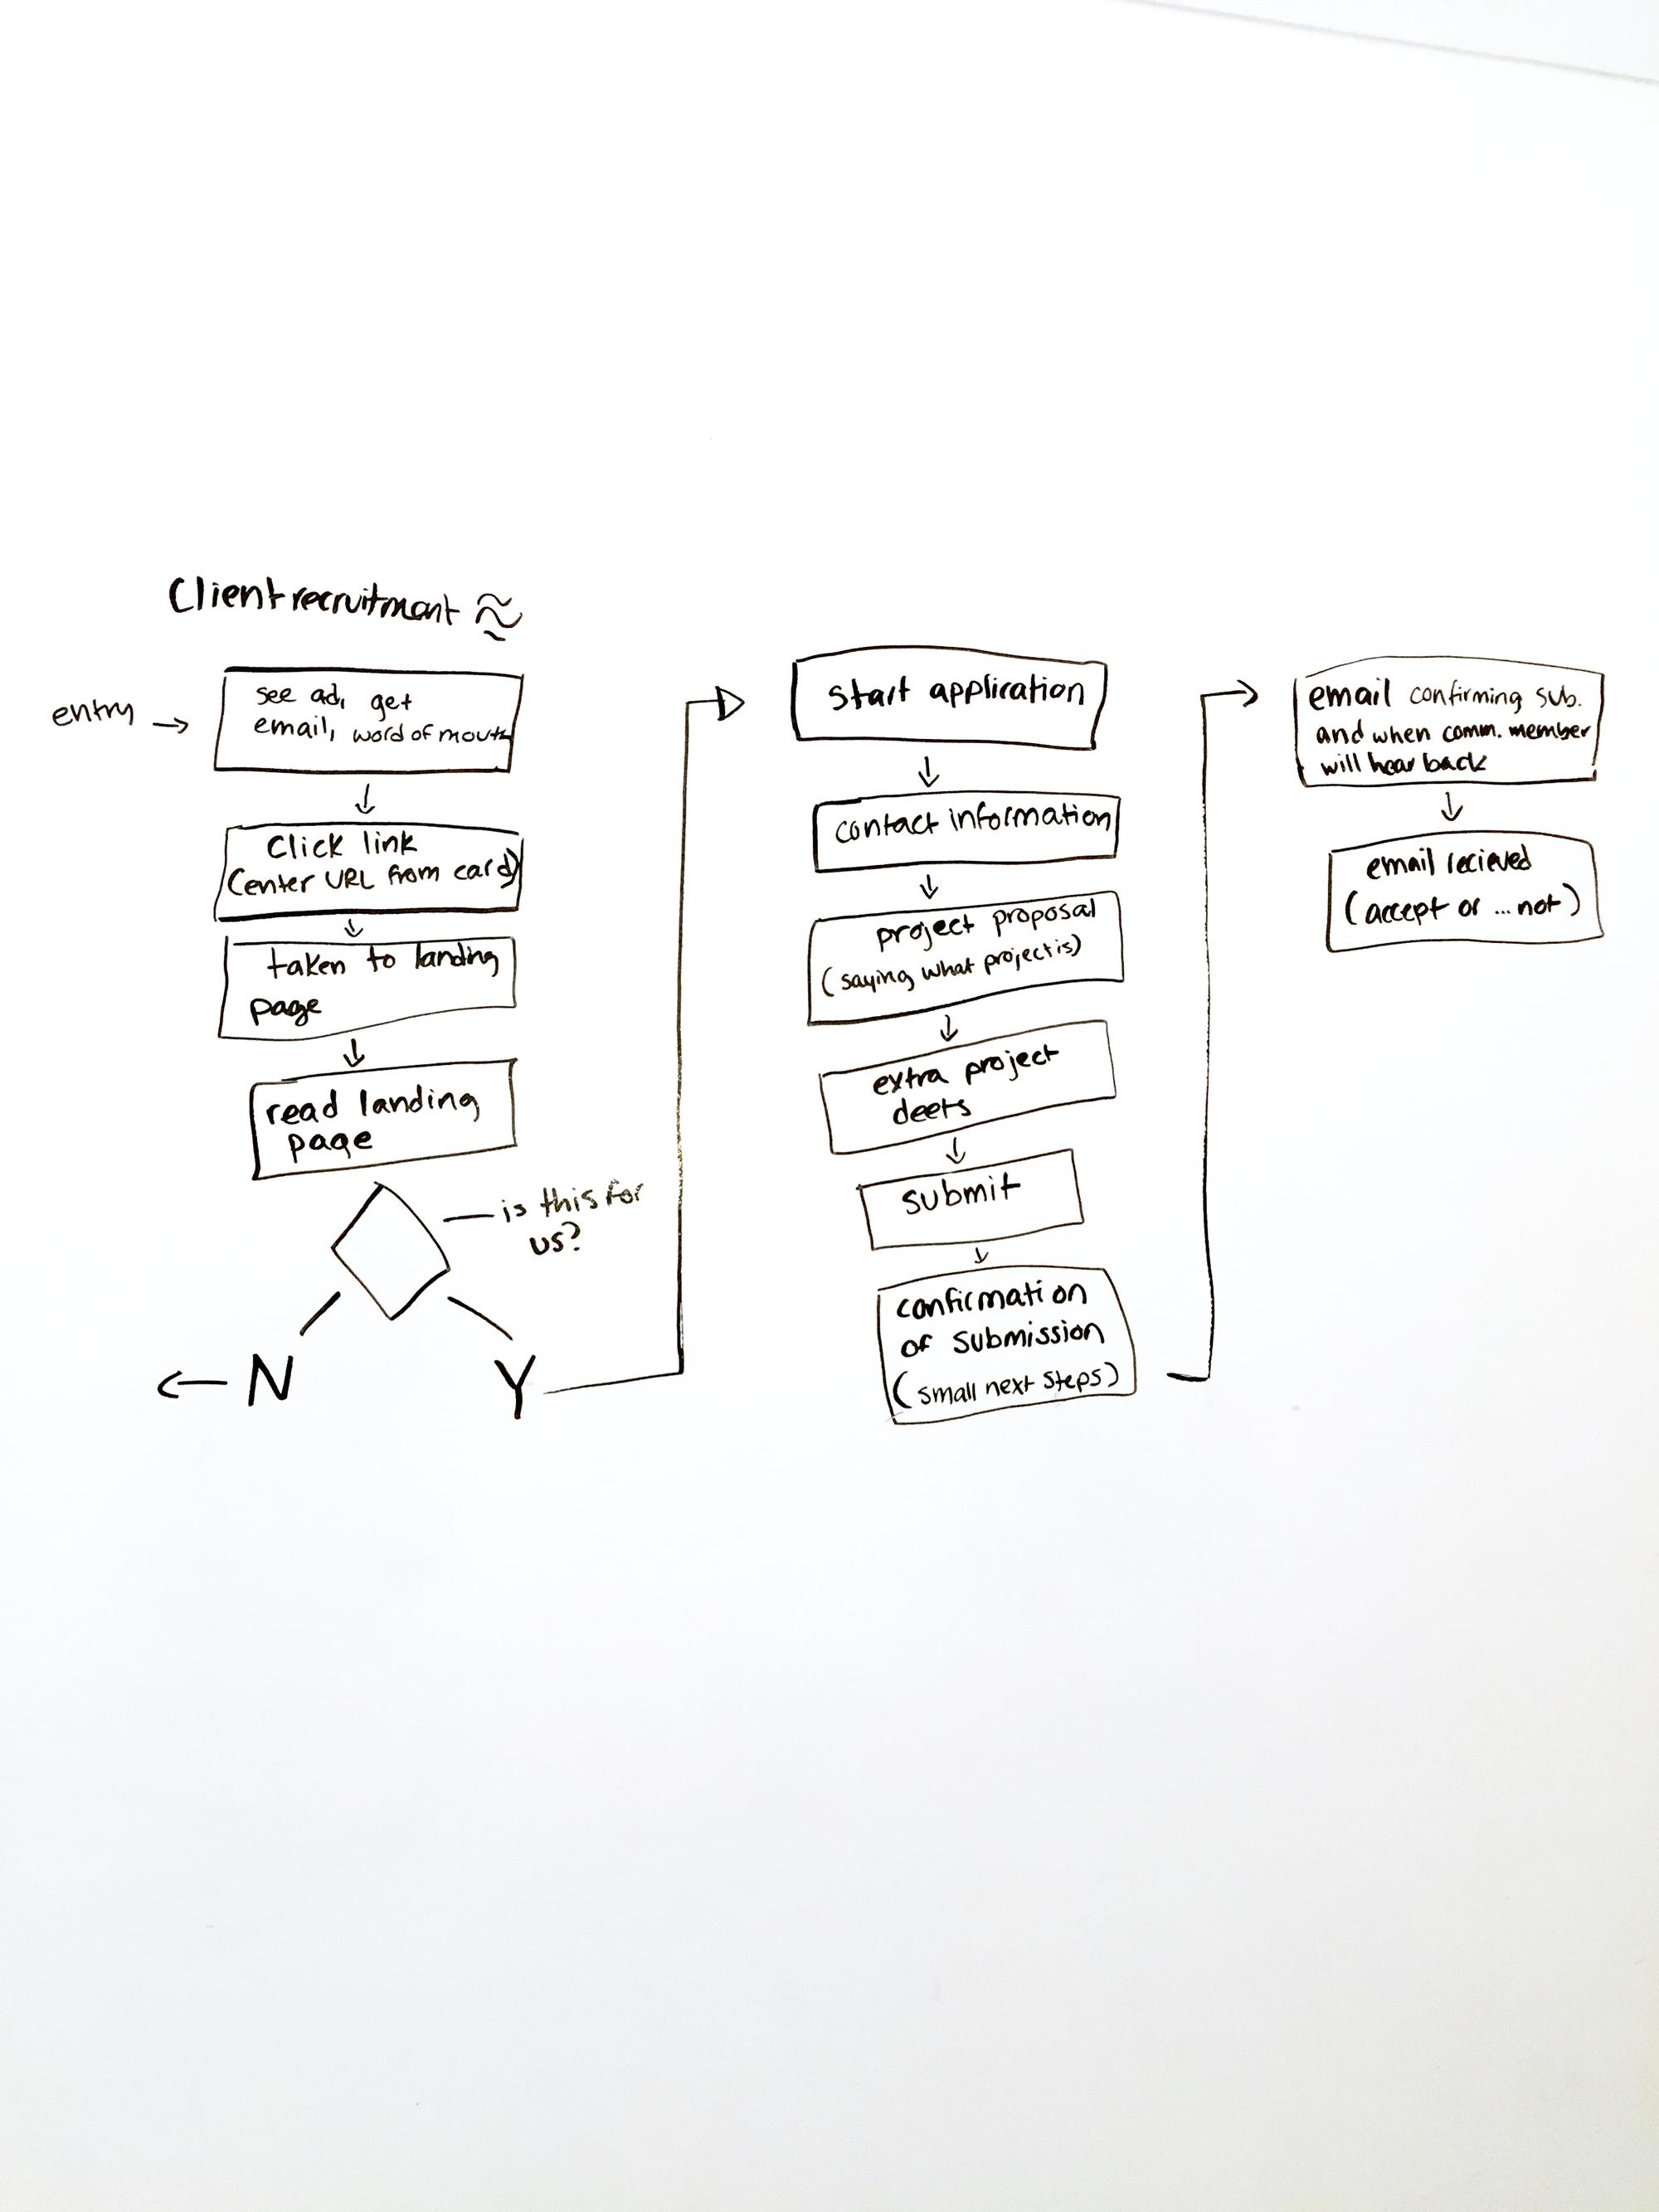 User Flow sketch for potential community partner